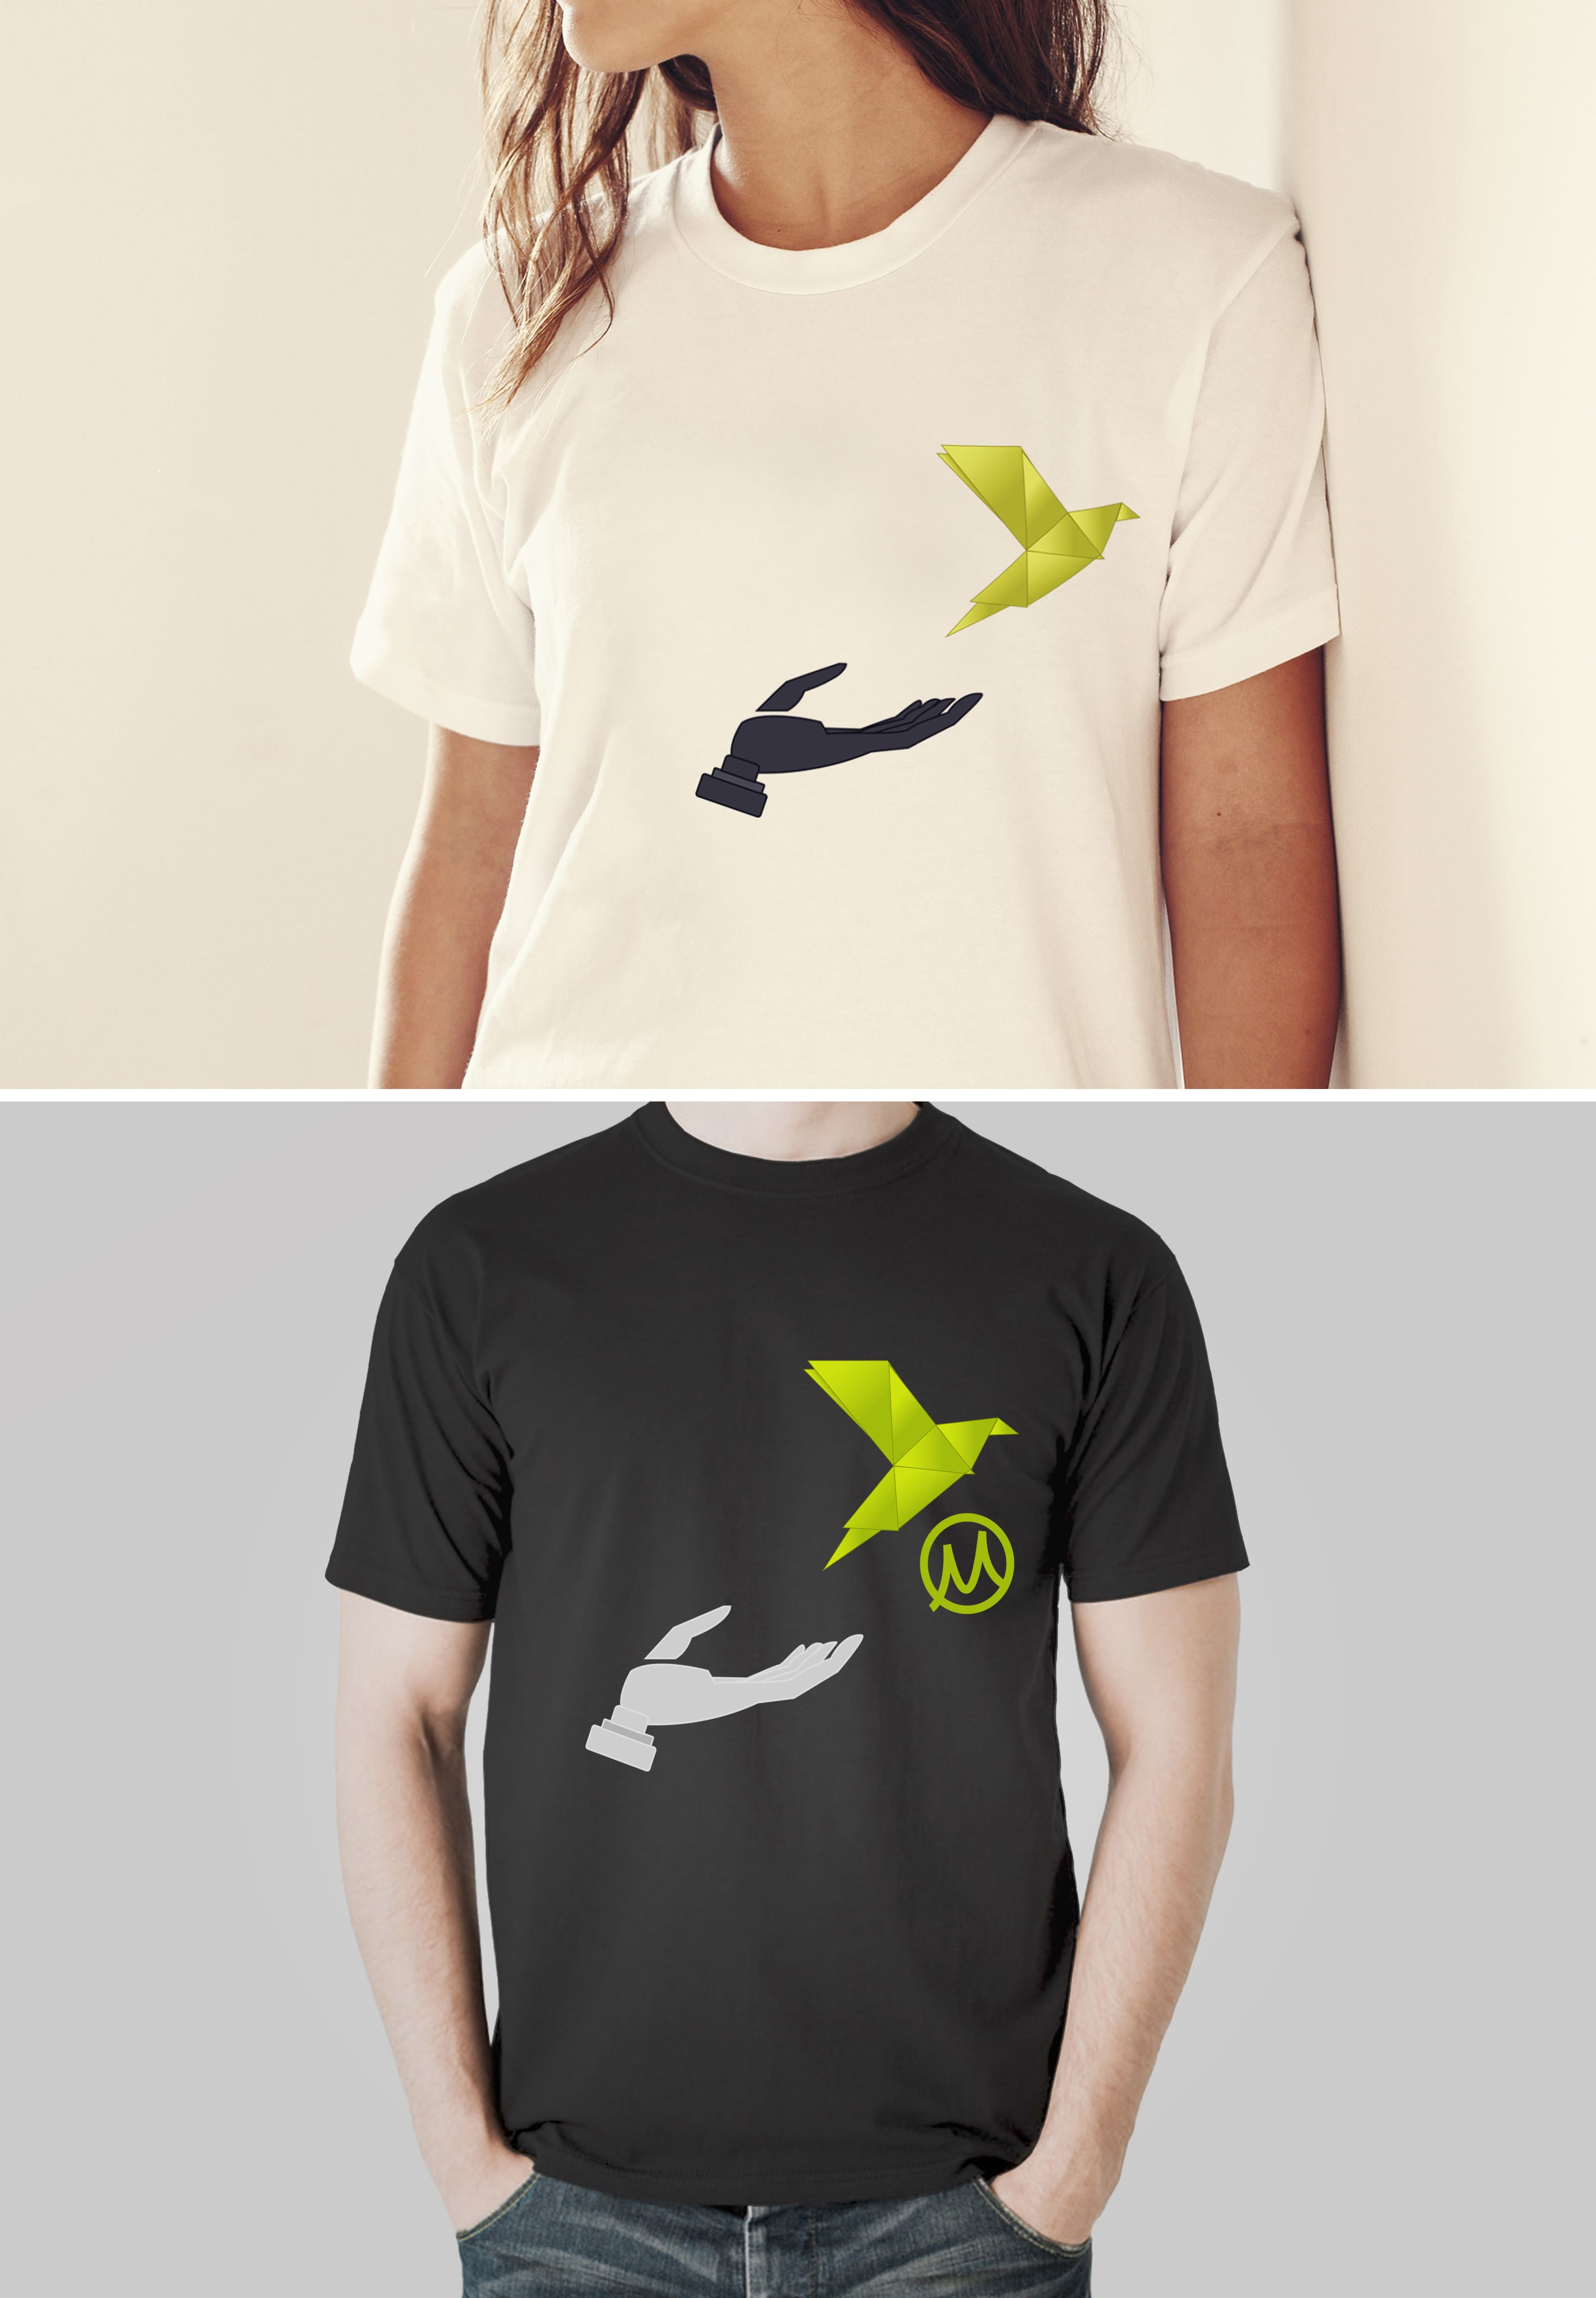 Нарисовать принты на футболки для компании Моторика фото f_12660a63da7f36ec.jpg